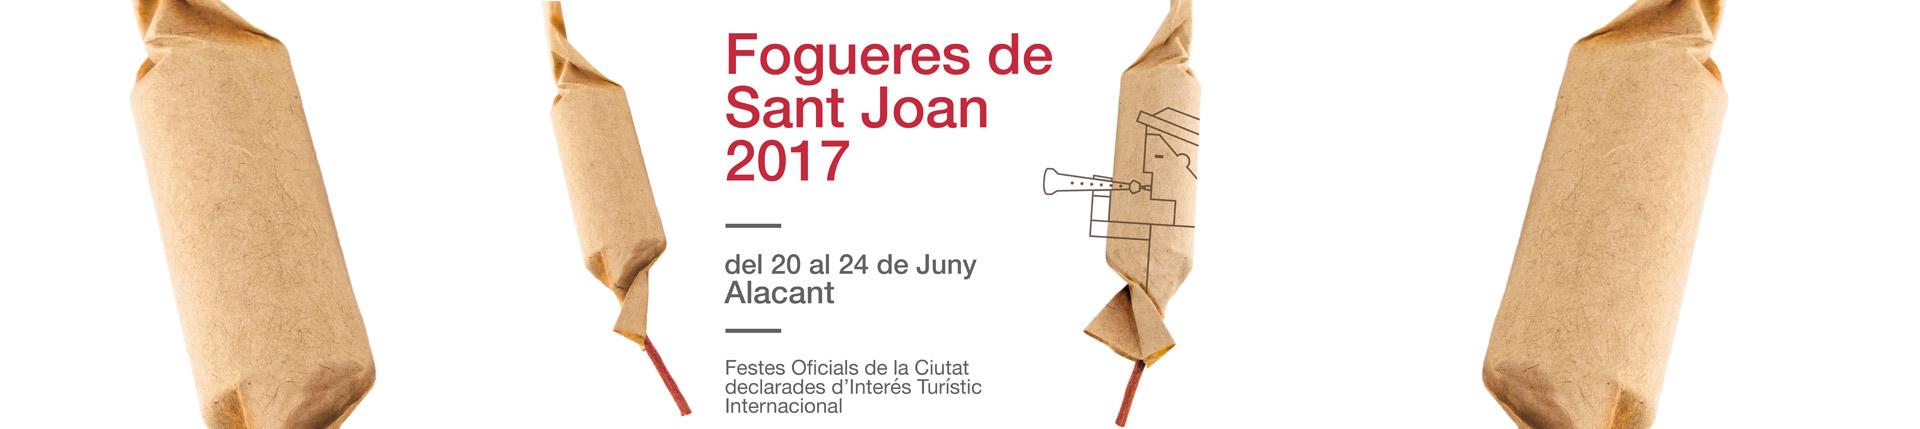 Fogueres de Sant Joan 2017